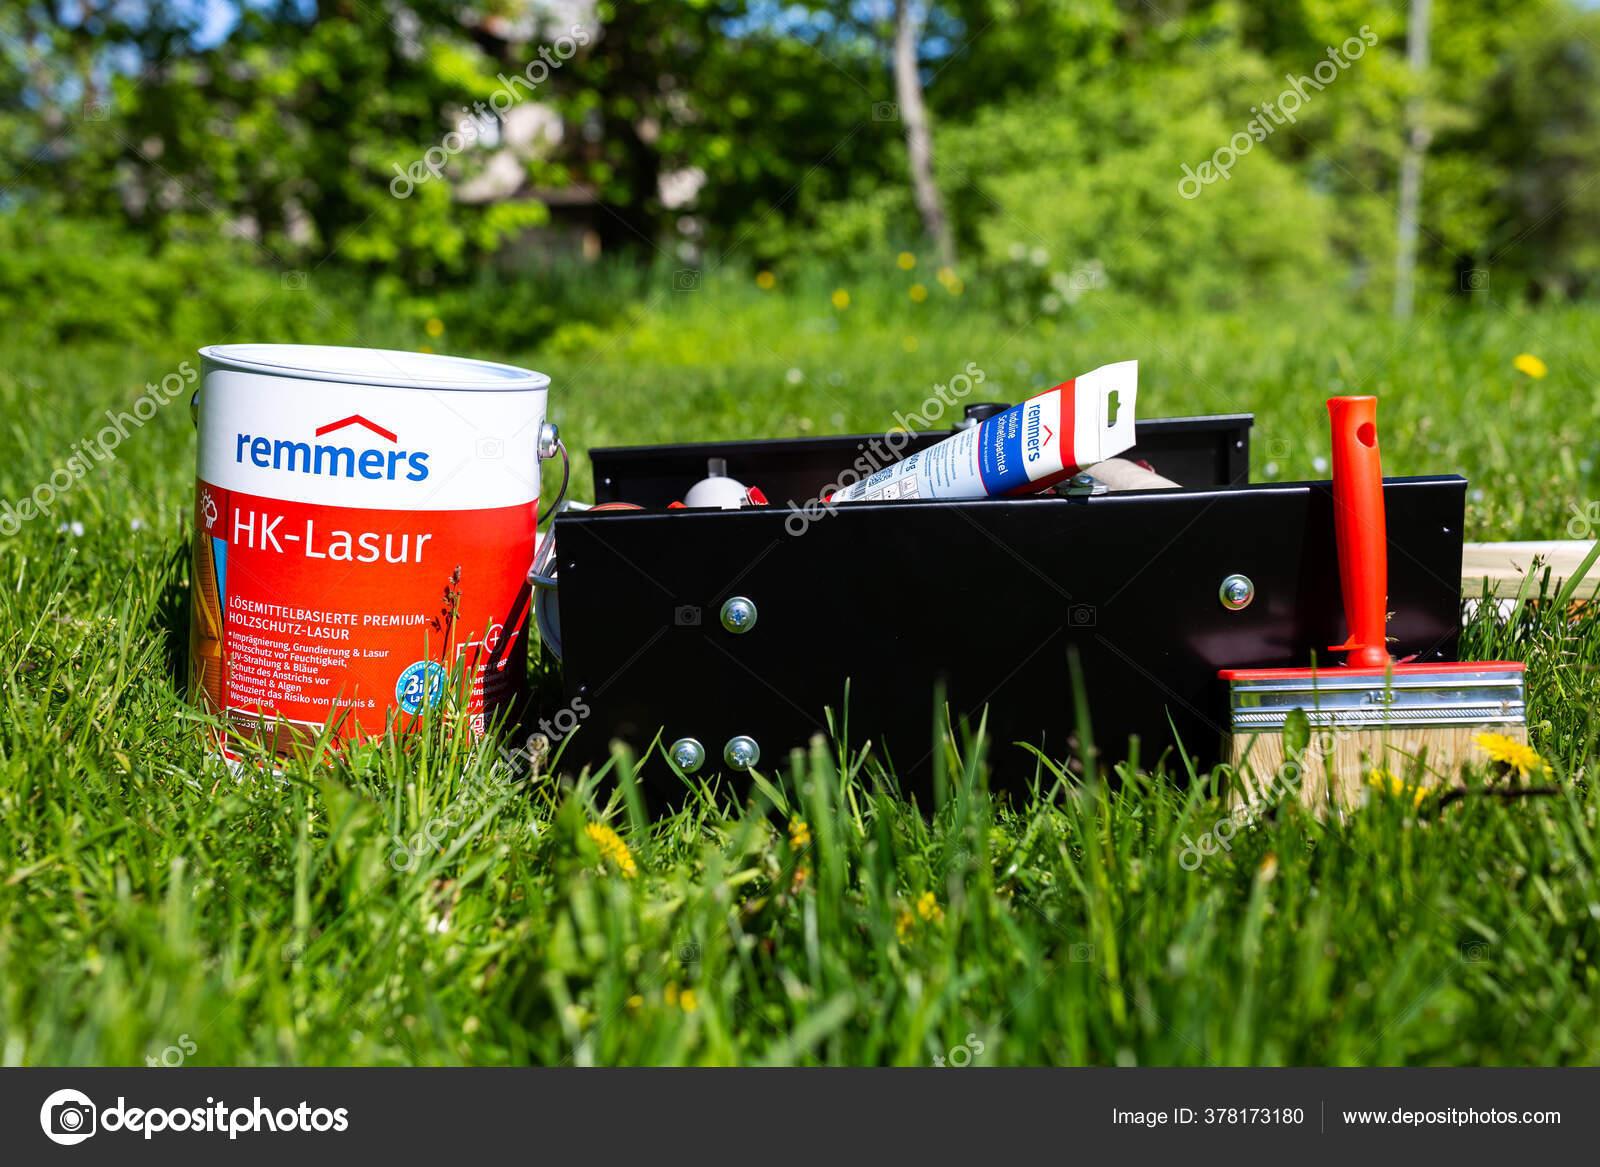 City Cesis Latvia Paint Bucket Painting Machine 2020 Stock Editorial Photo C Ynos21 378173180